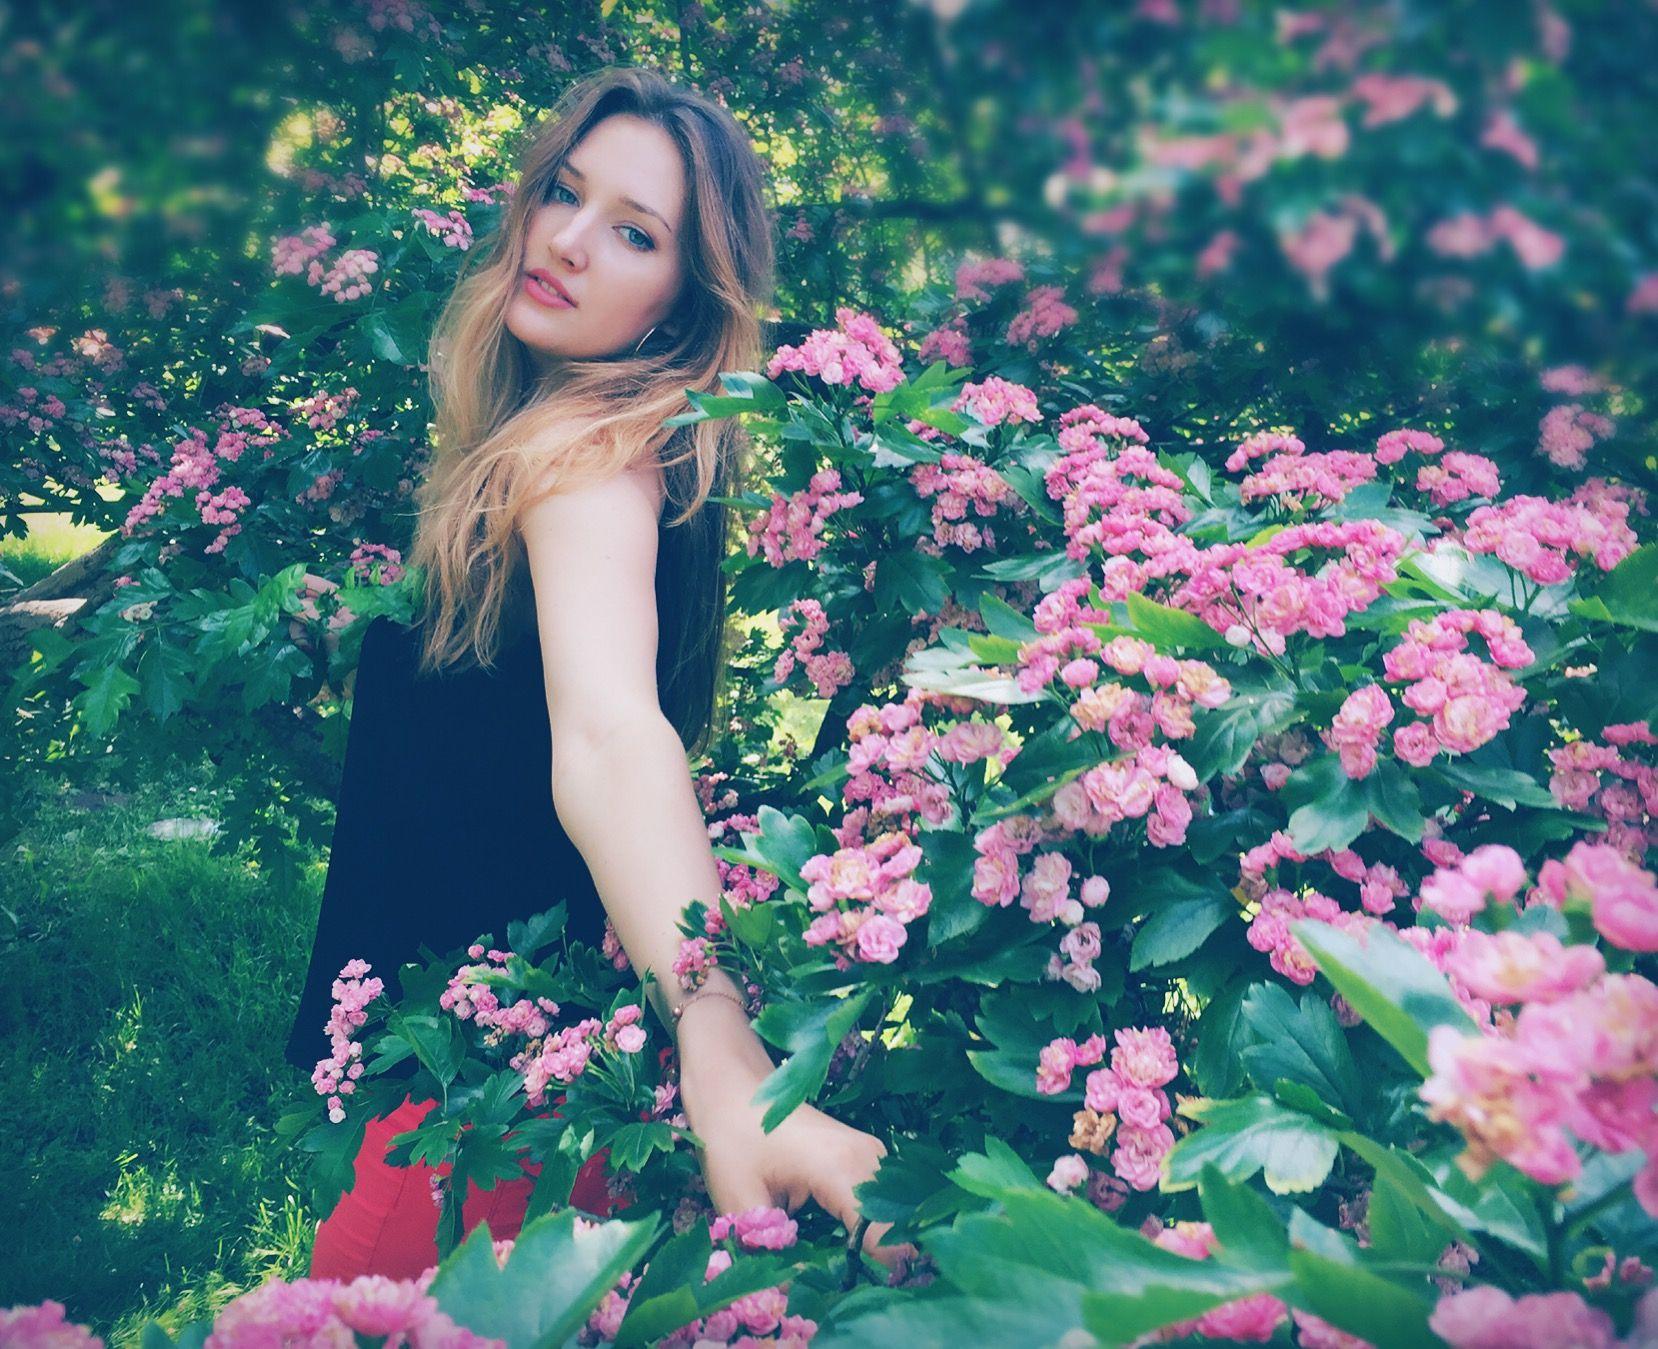 """Résultat de recherche d'images pour """"girls summer nature"""""""